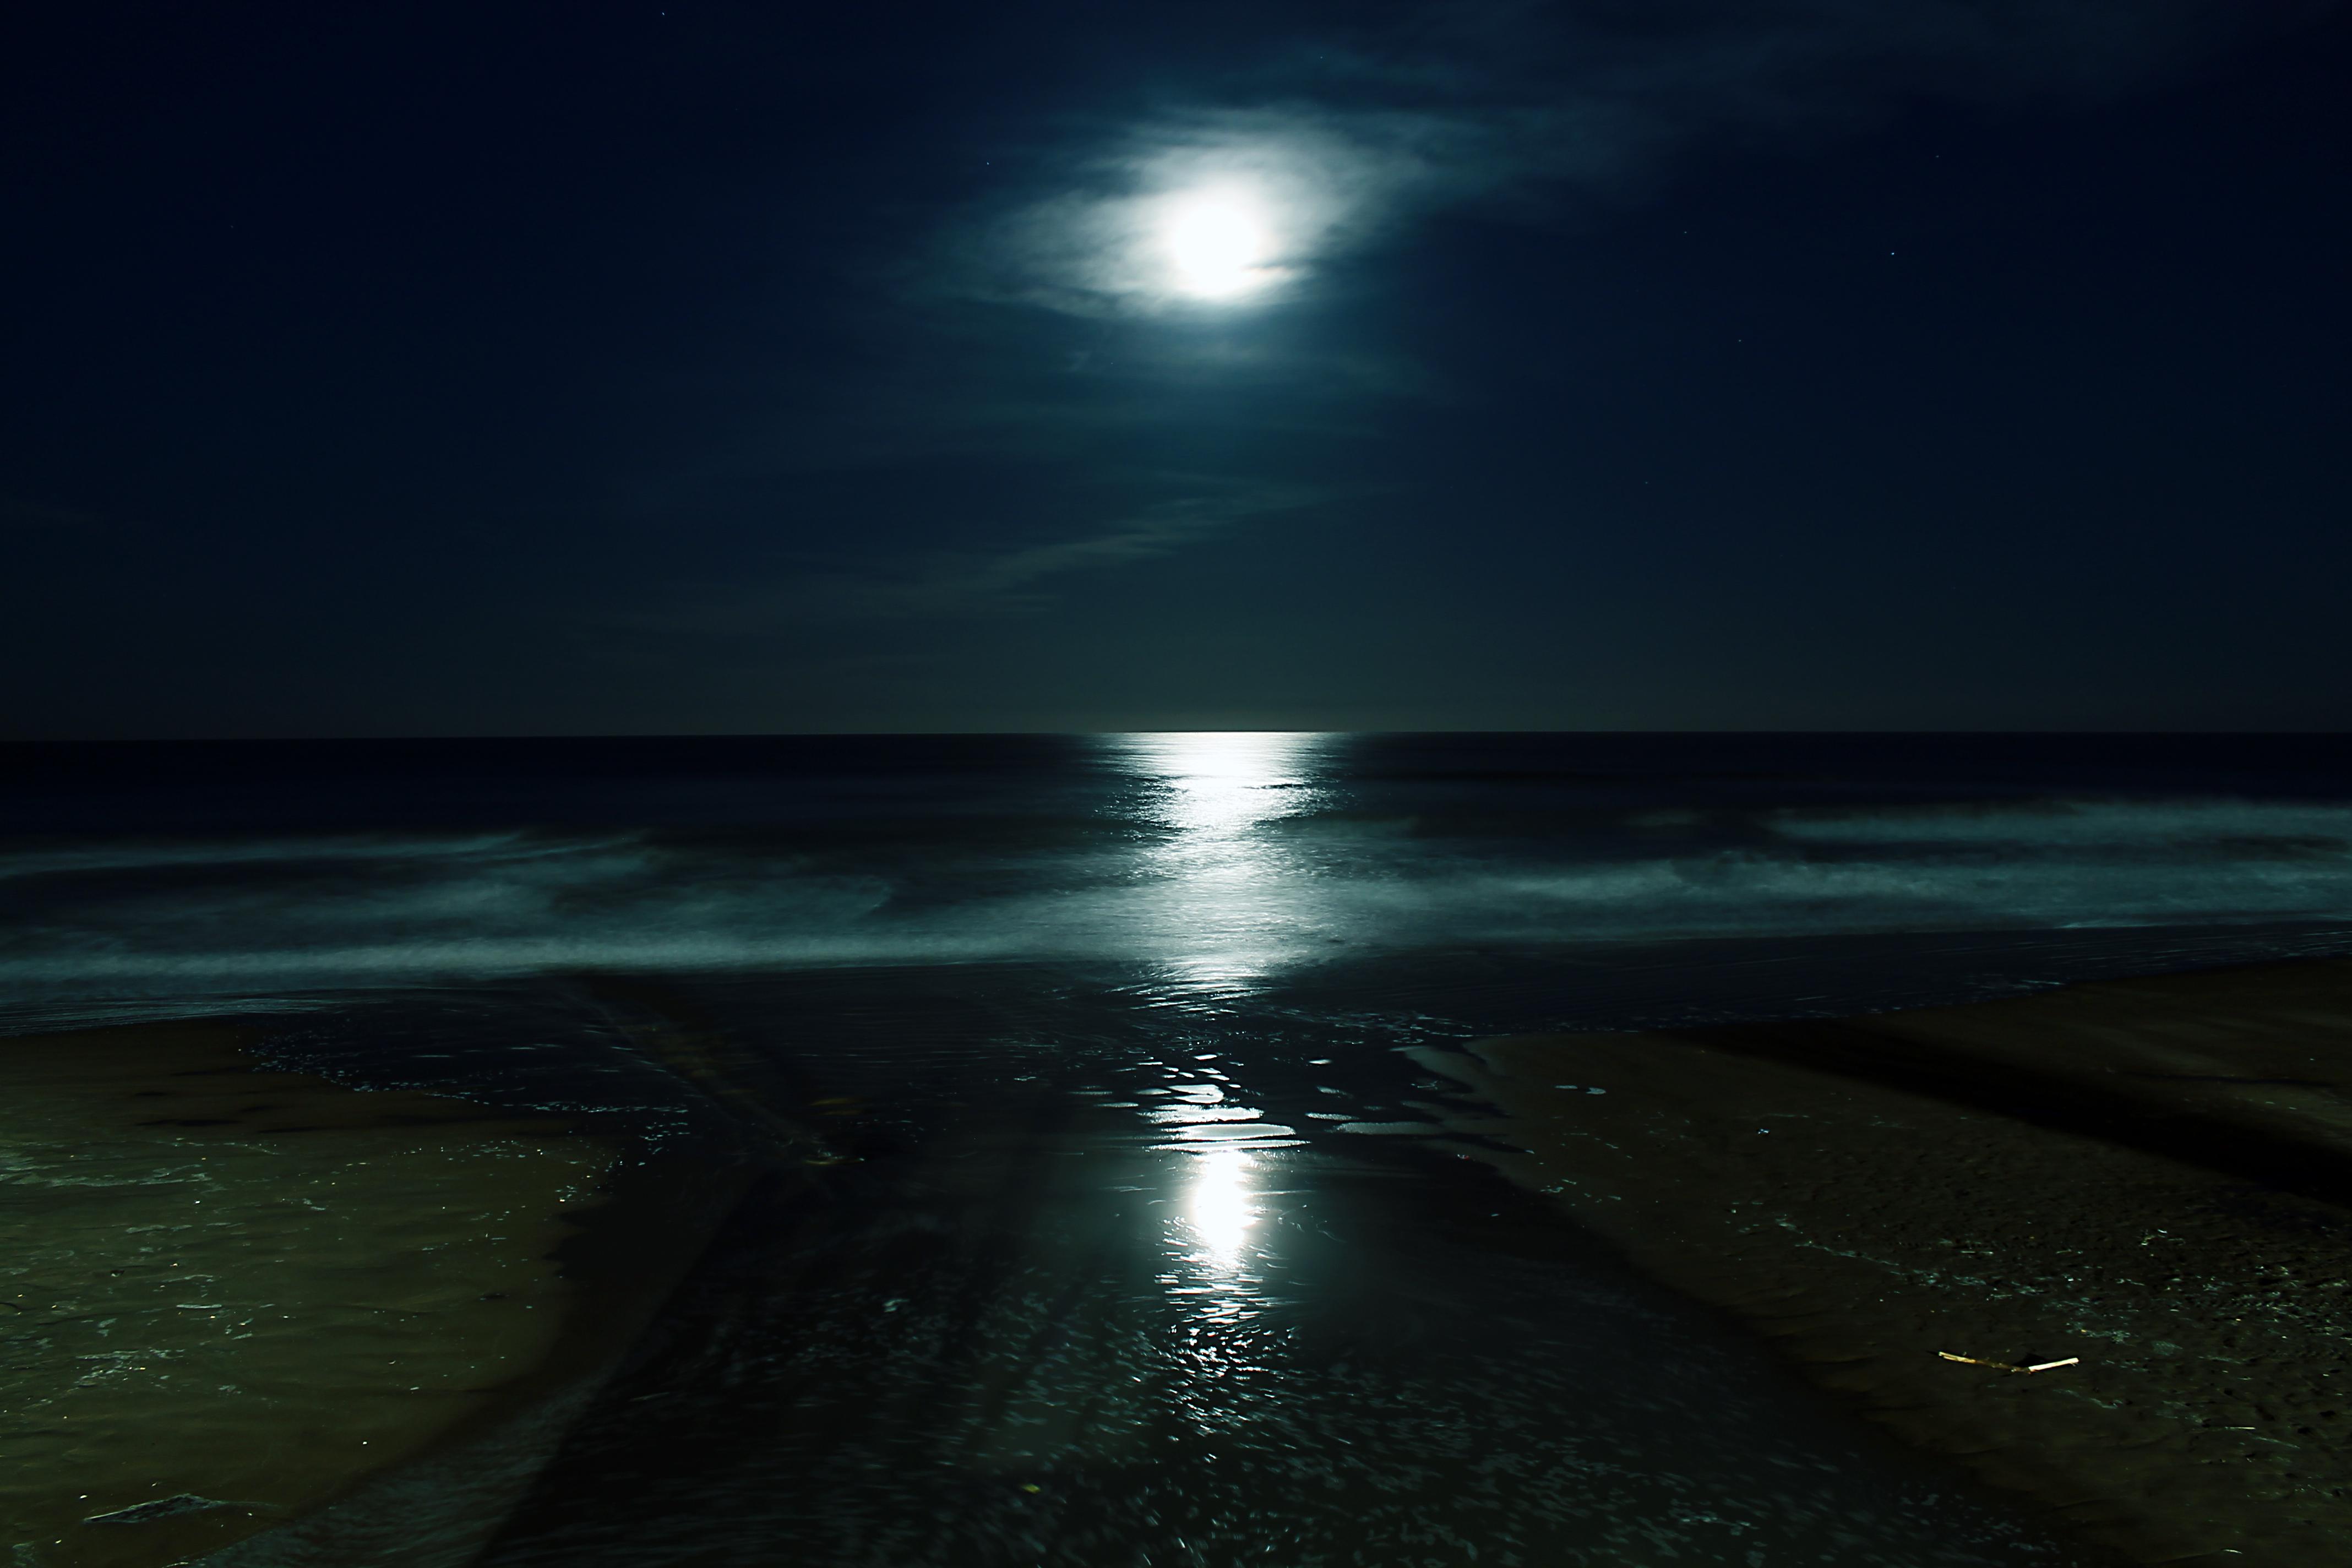 Noche Images - Reverse...